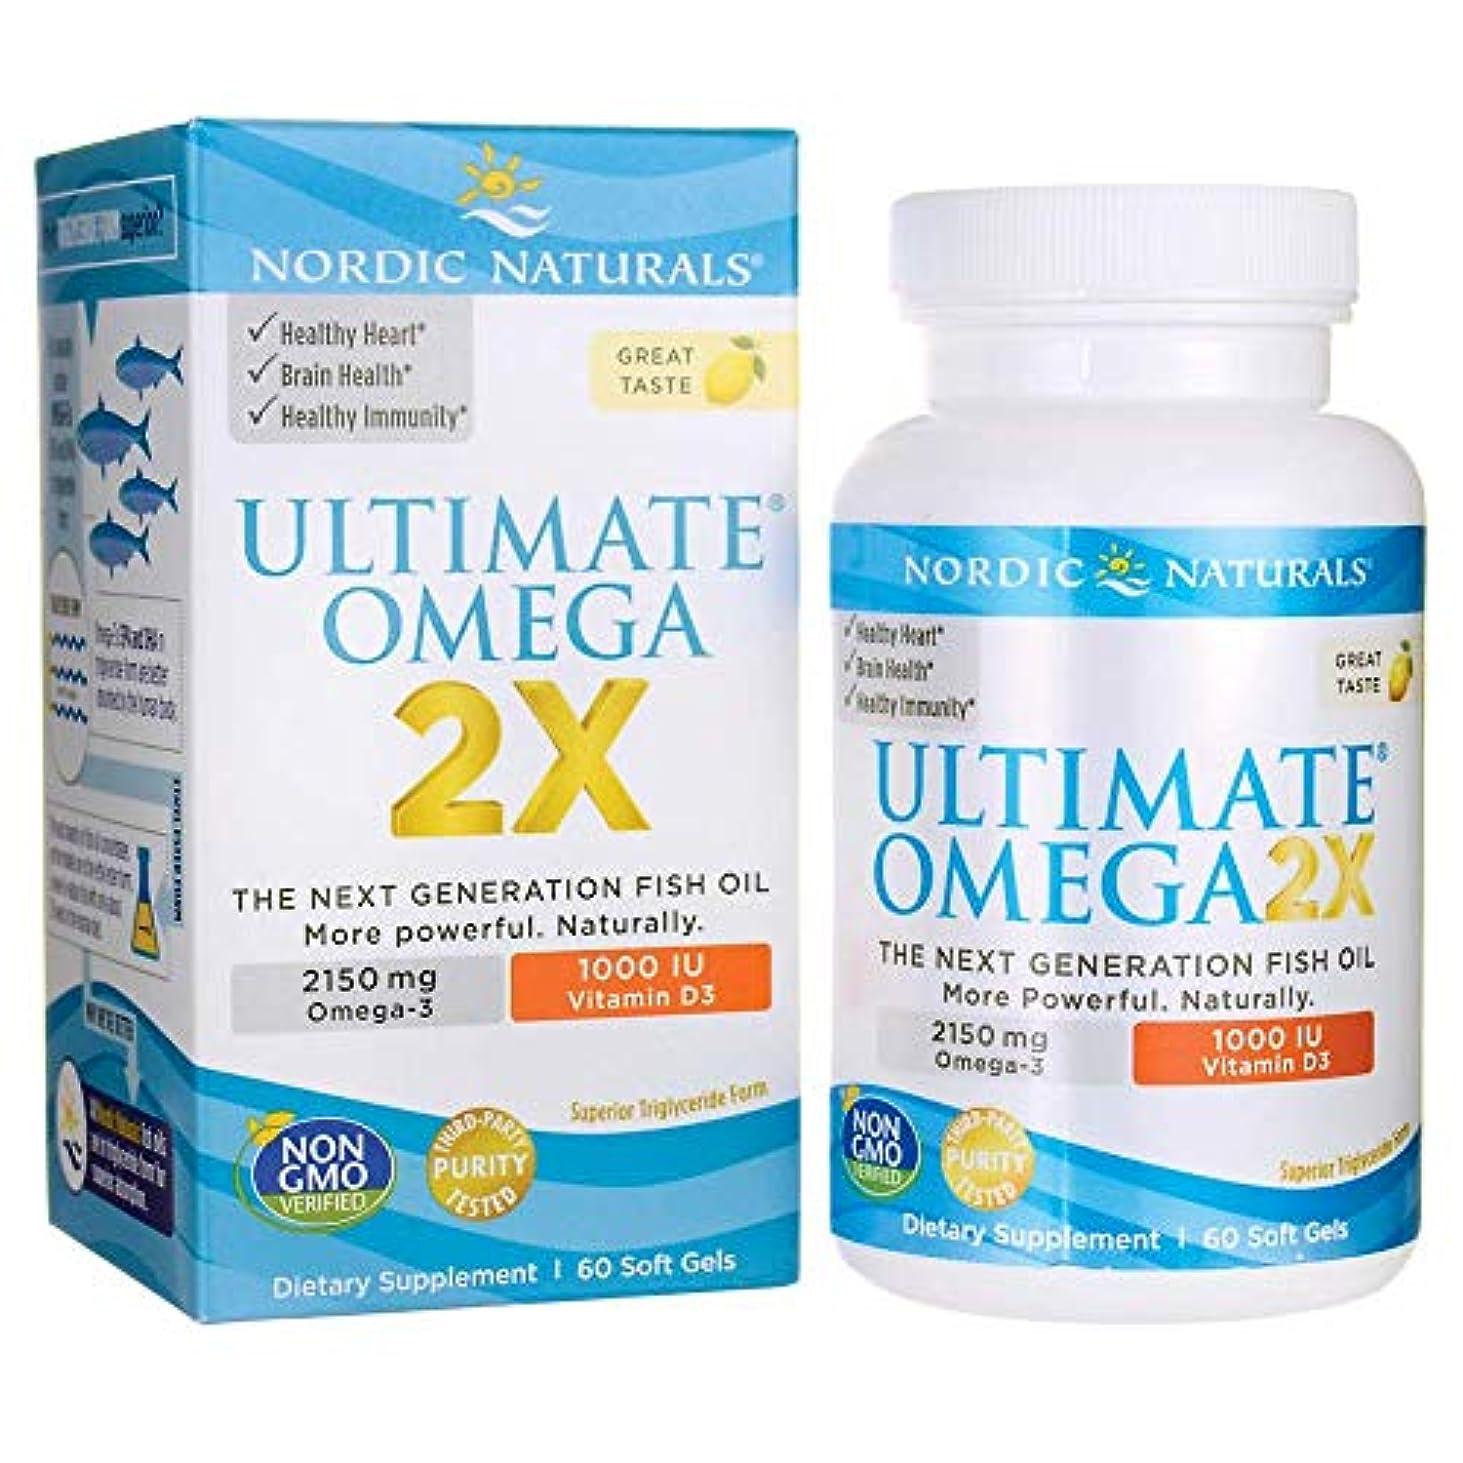 接続詞ロードされた排除するNordic Naturals Ultimate Omega 2x with D3, Lemon アルティメットオメガ 2x ウィズ D3 レモン味 60錠 [海外直送品]